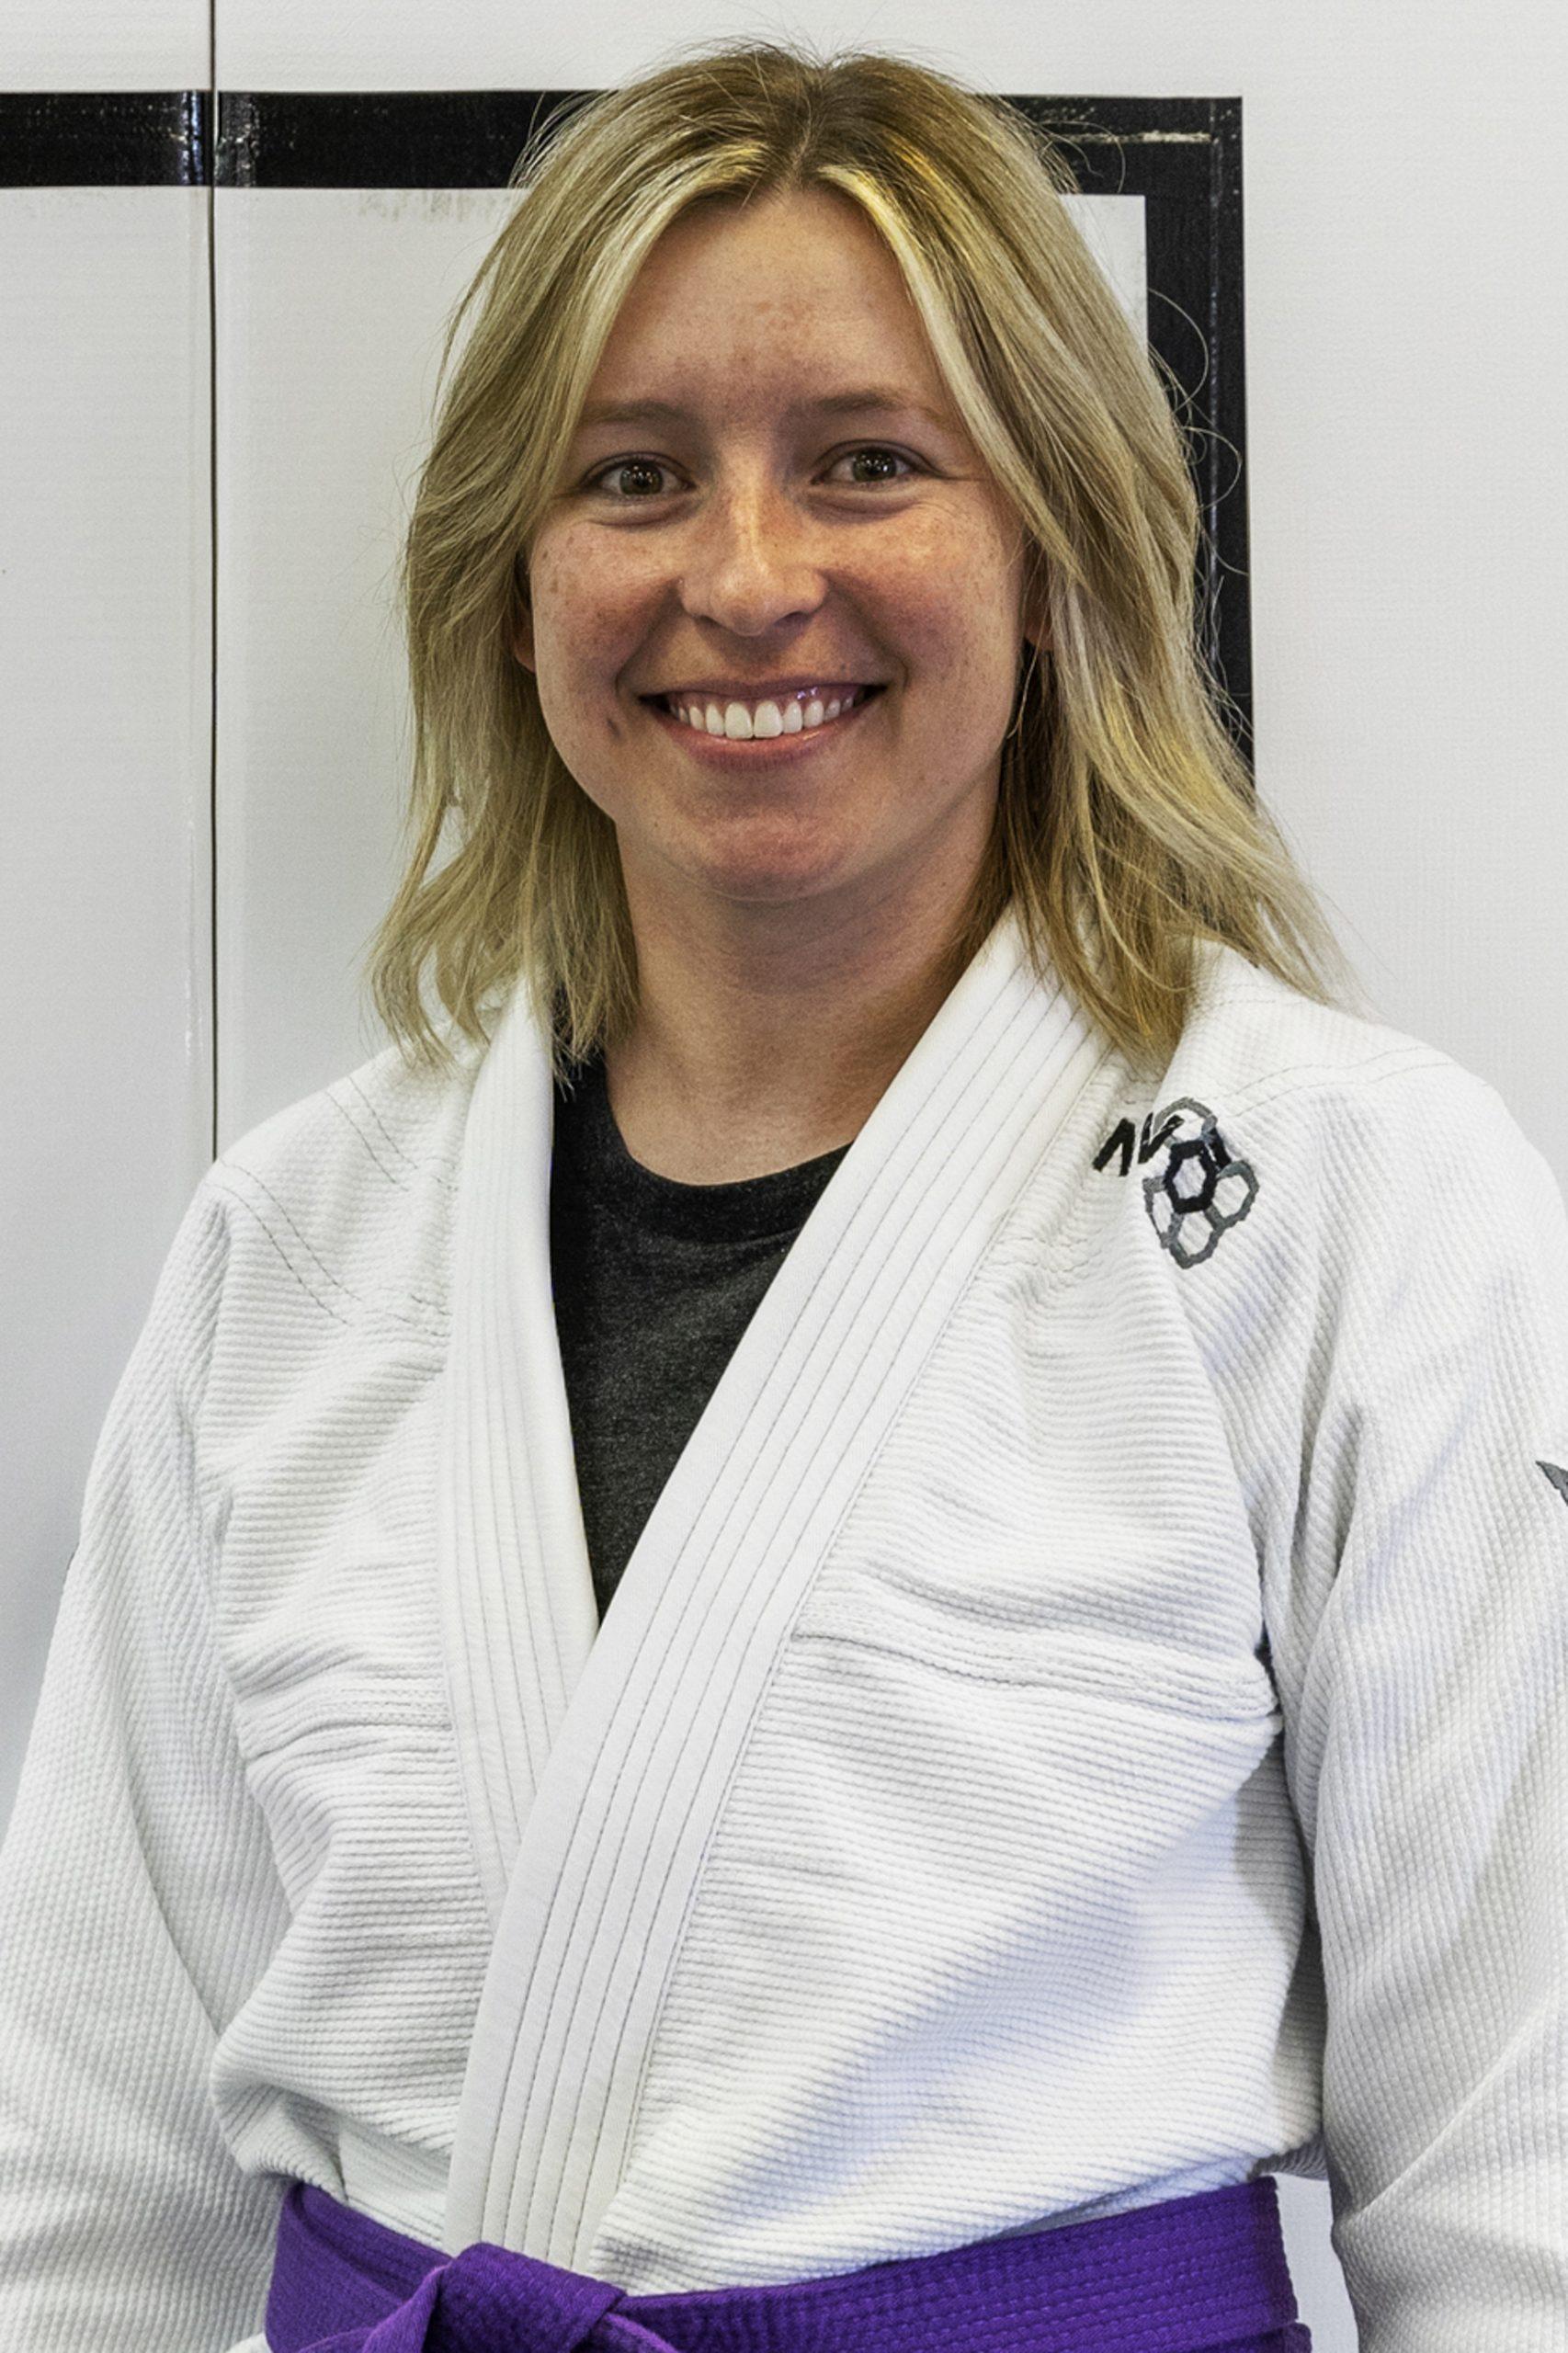 Kayla Shelton